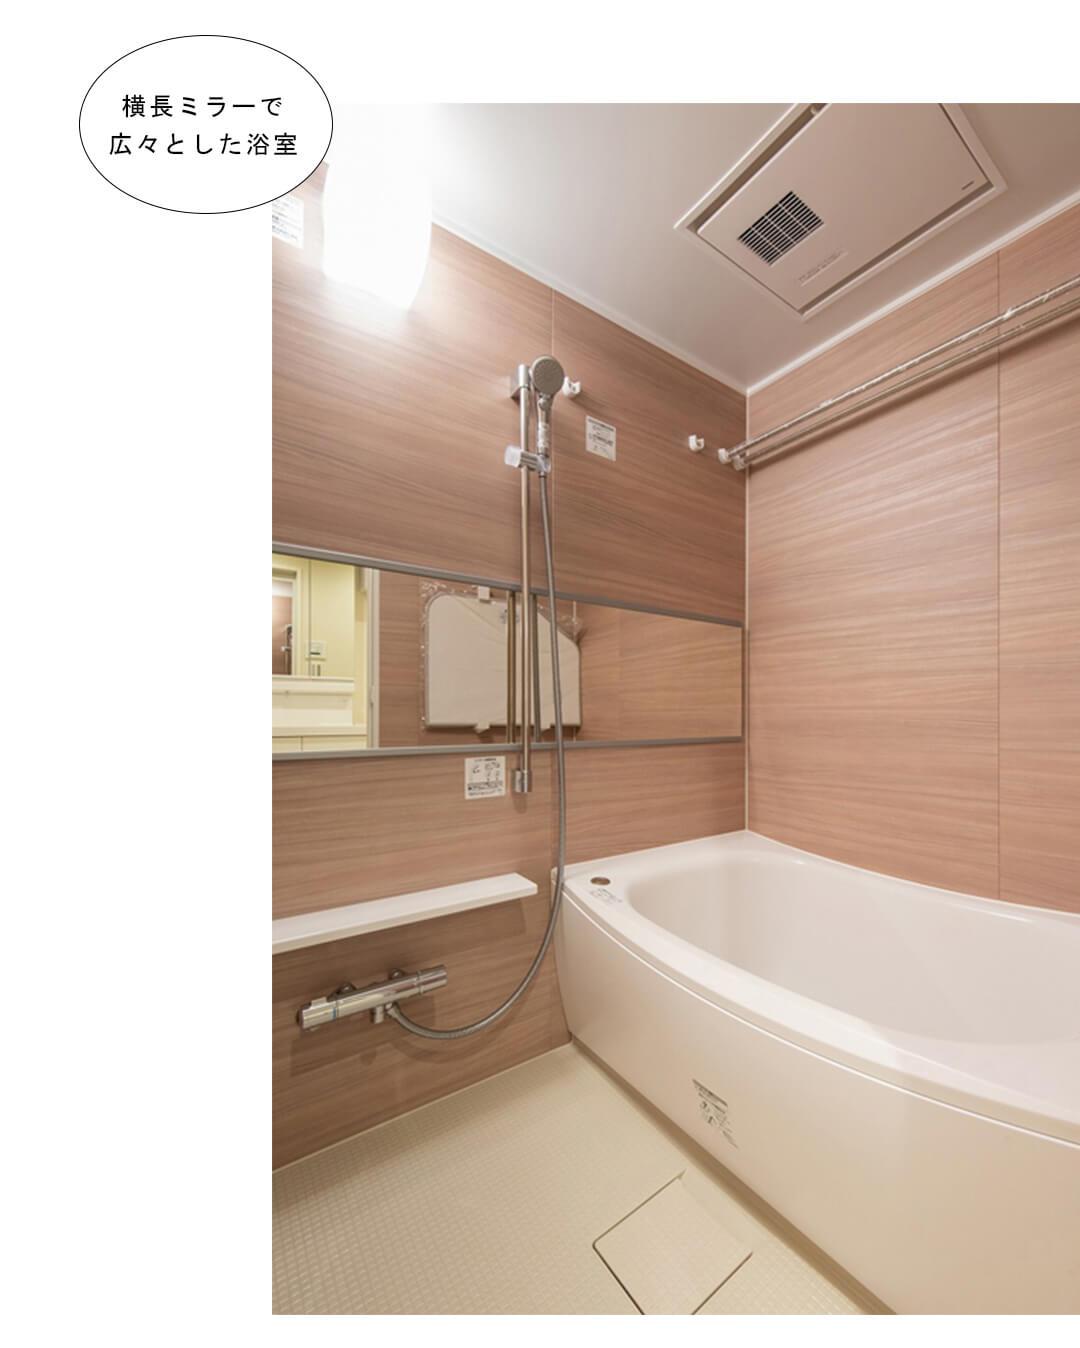 スターハイツ台東の浴室